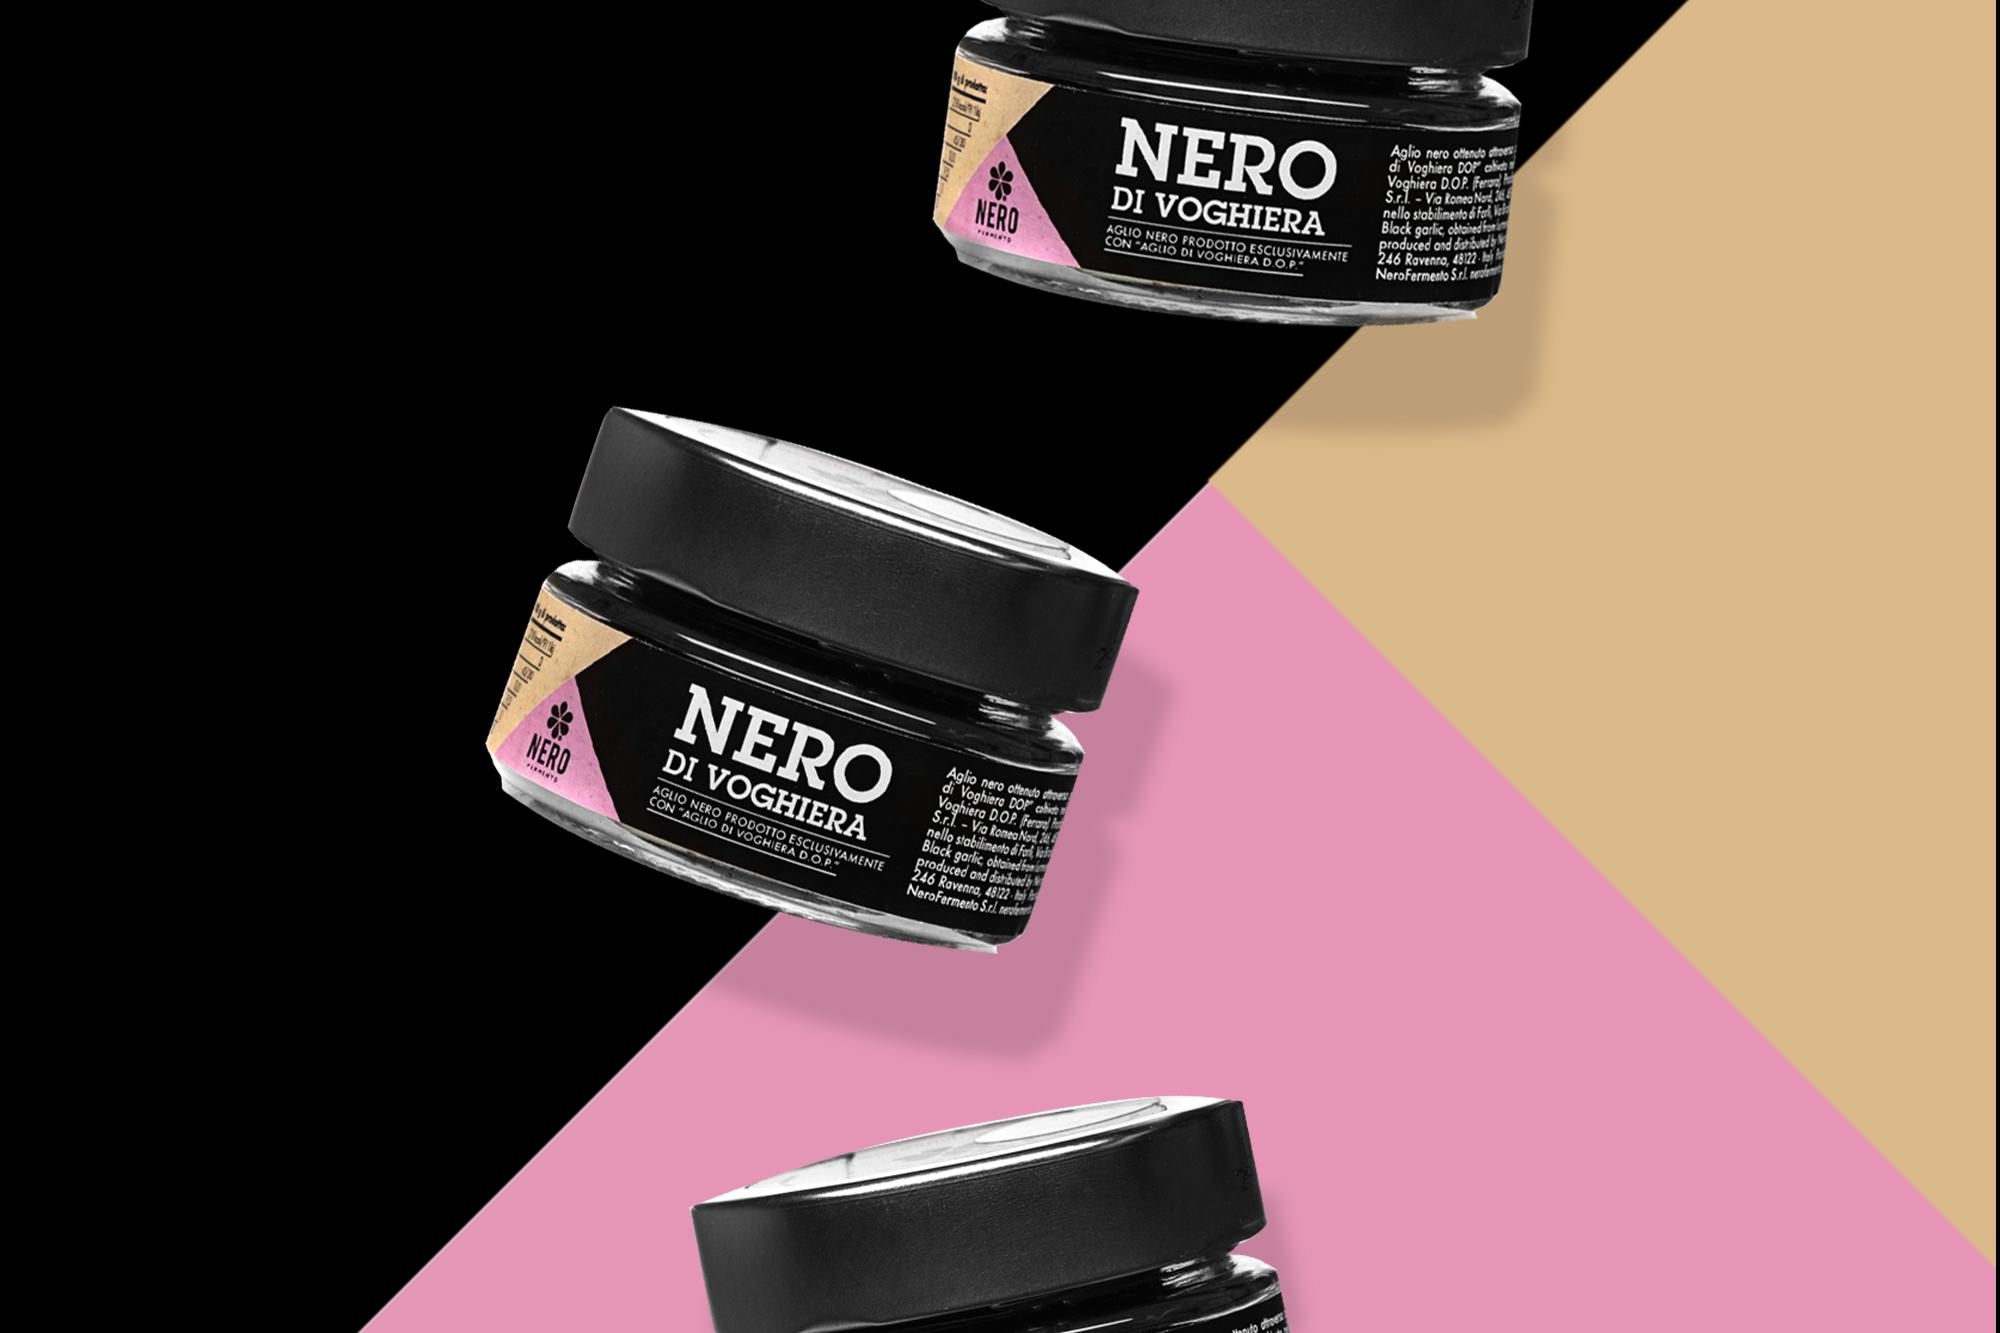 Nero Fermento